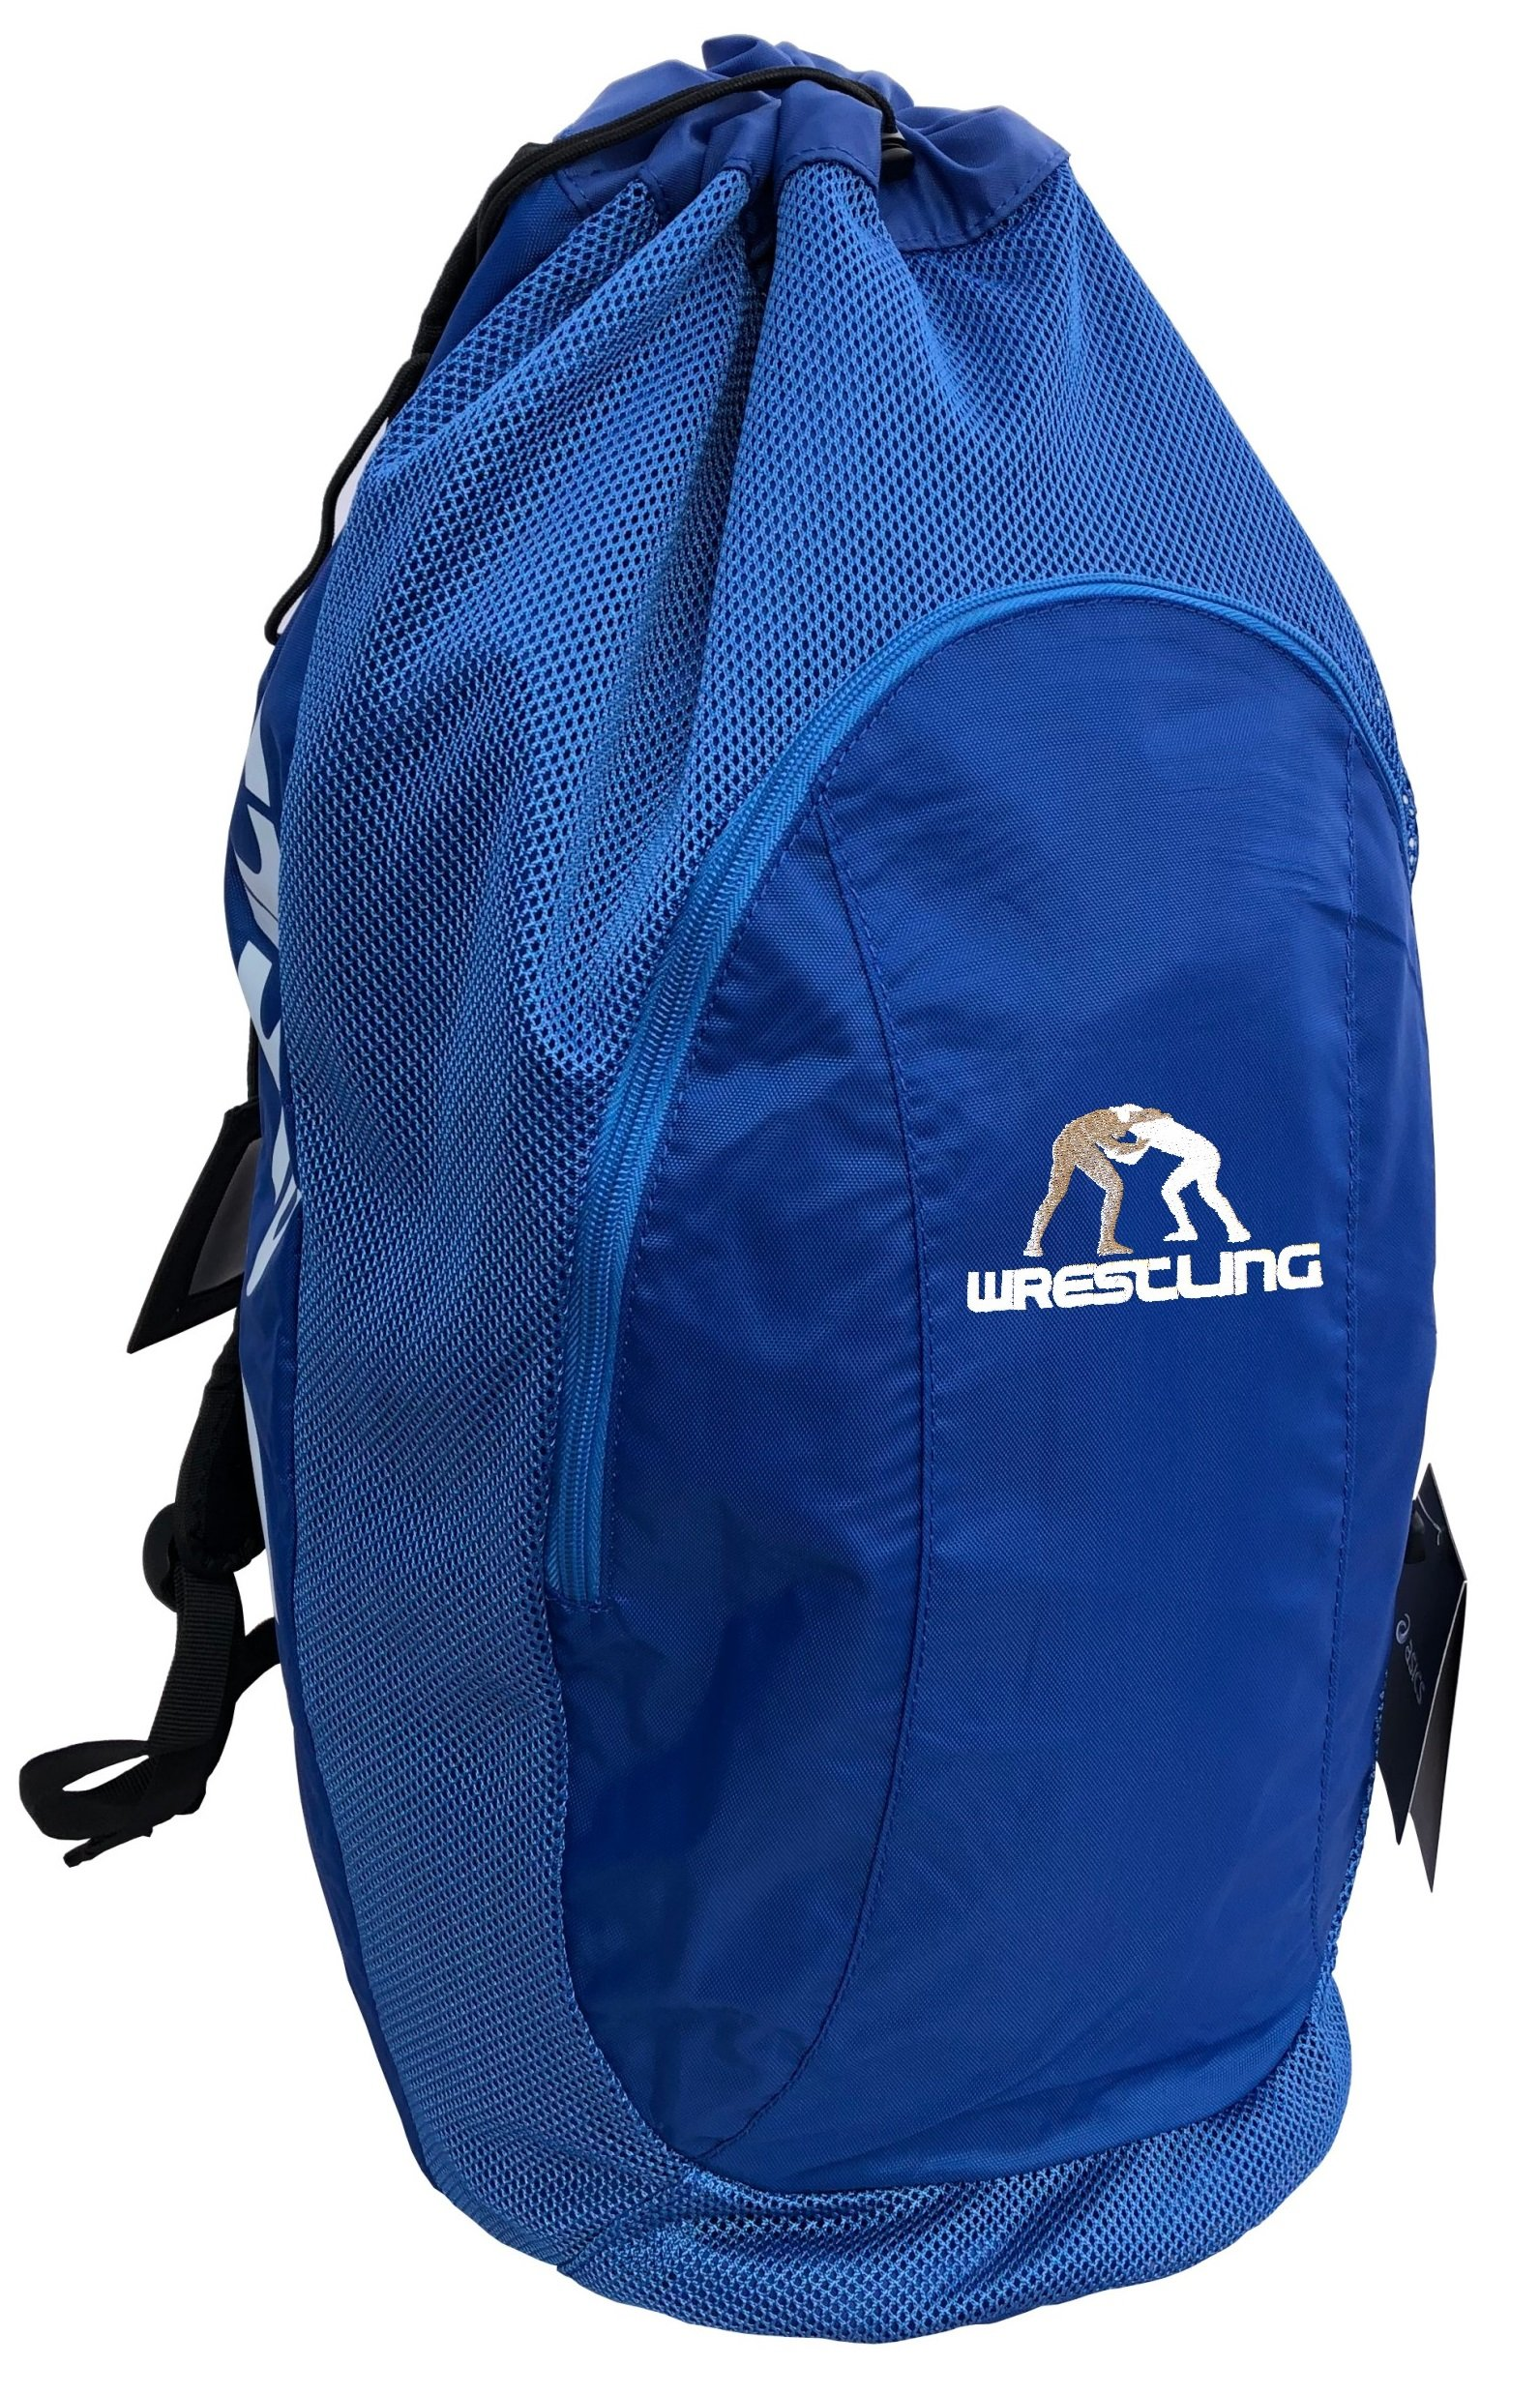 Asics - █▬█ █▬█ █ - Tréningový športový batoh